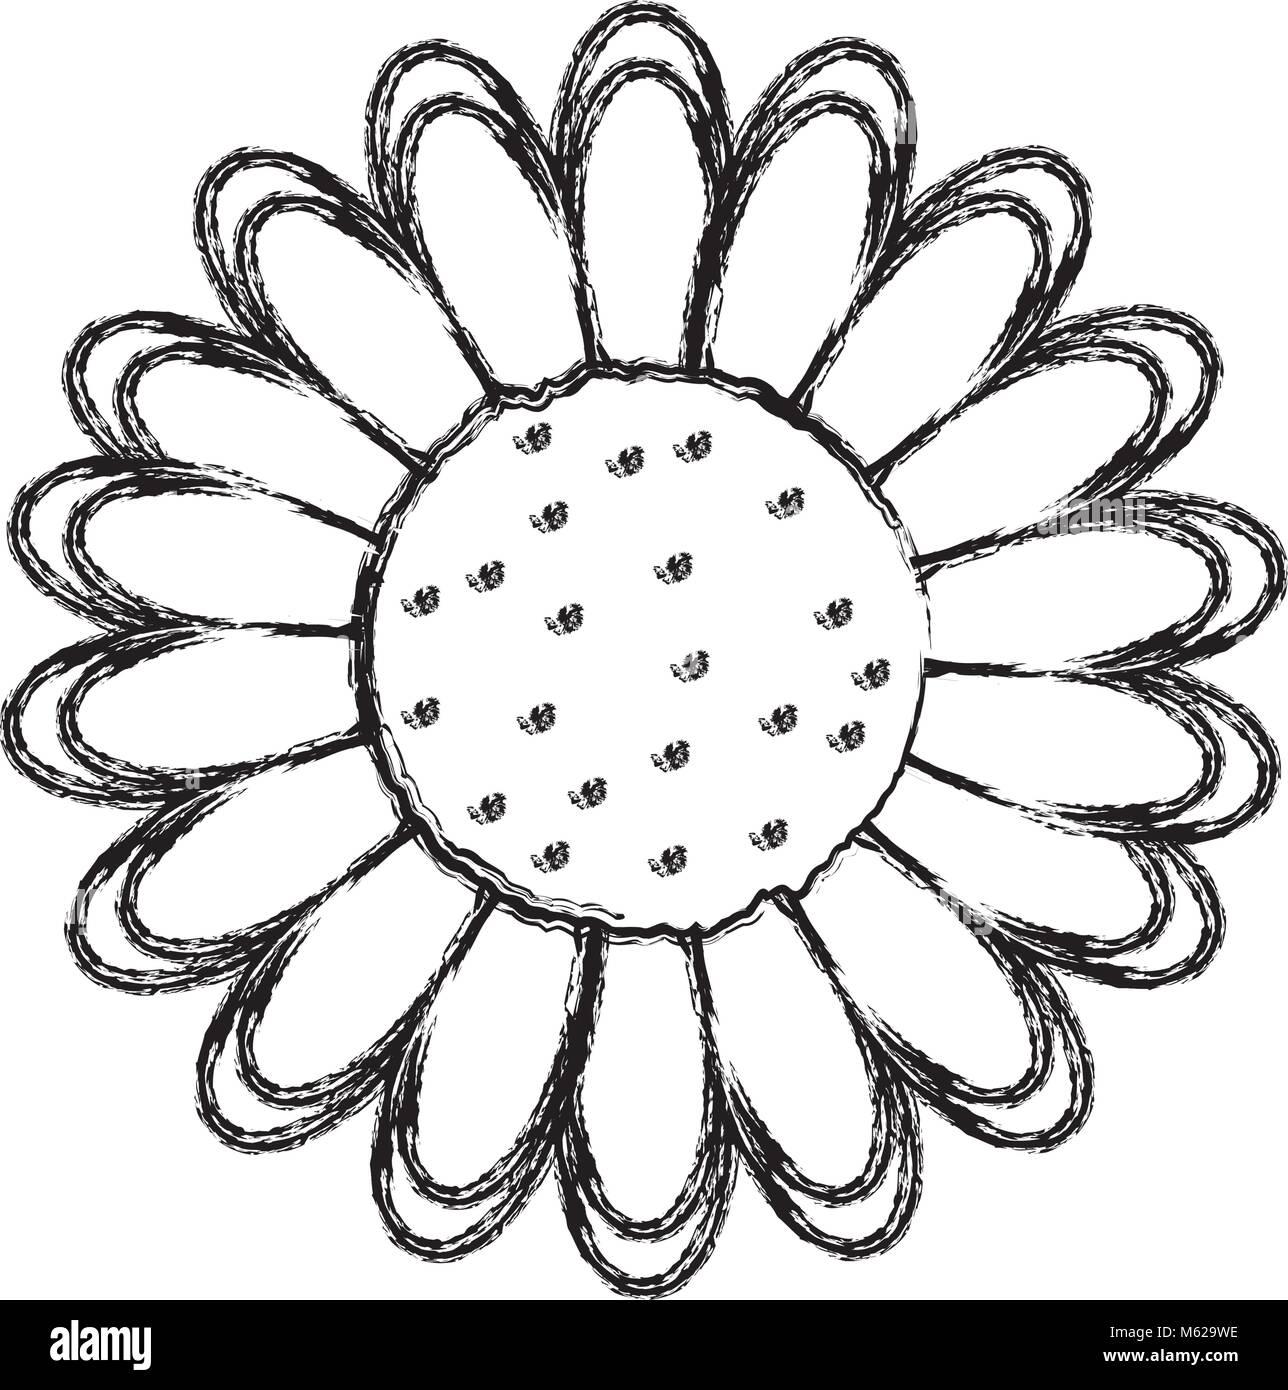 Erfreut Sonnenblumenblatt Vorlage Galerie - Beispiel Wiederaufnahme ...